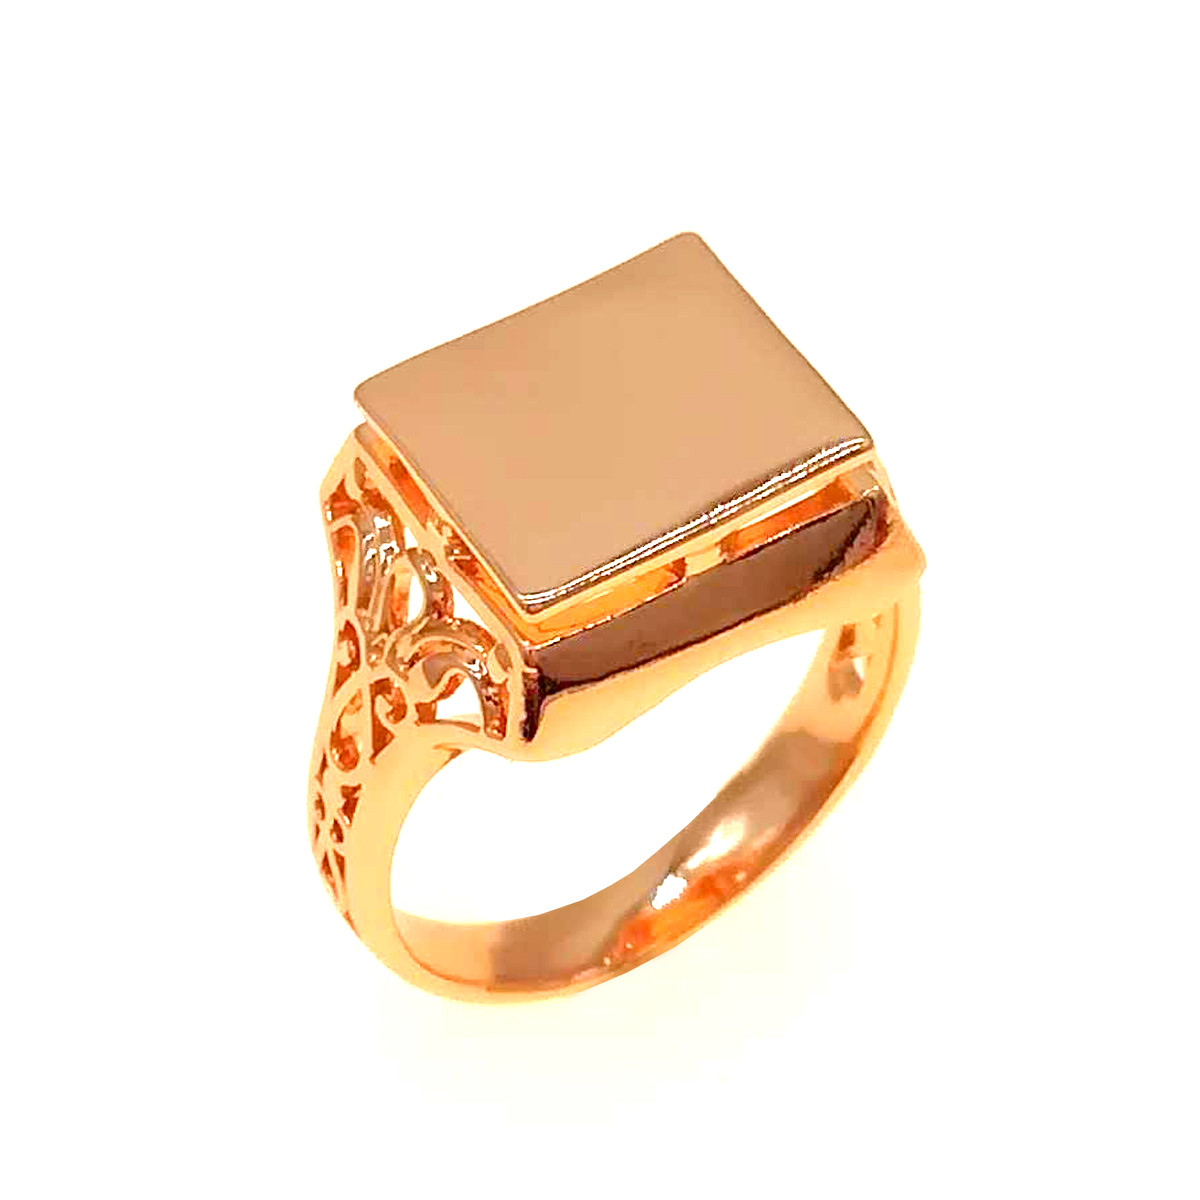 Мужское кольцо (печатка) Xuping из медицинского золота, позолота 18K, 11872       (23)